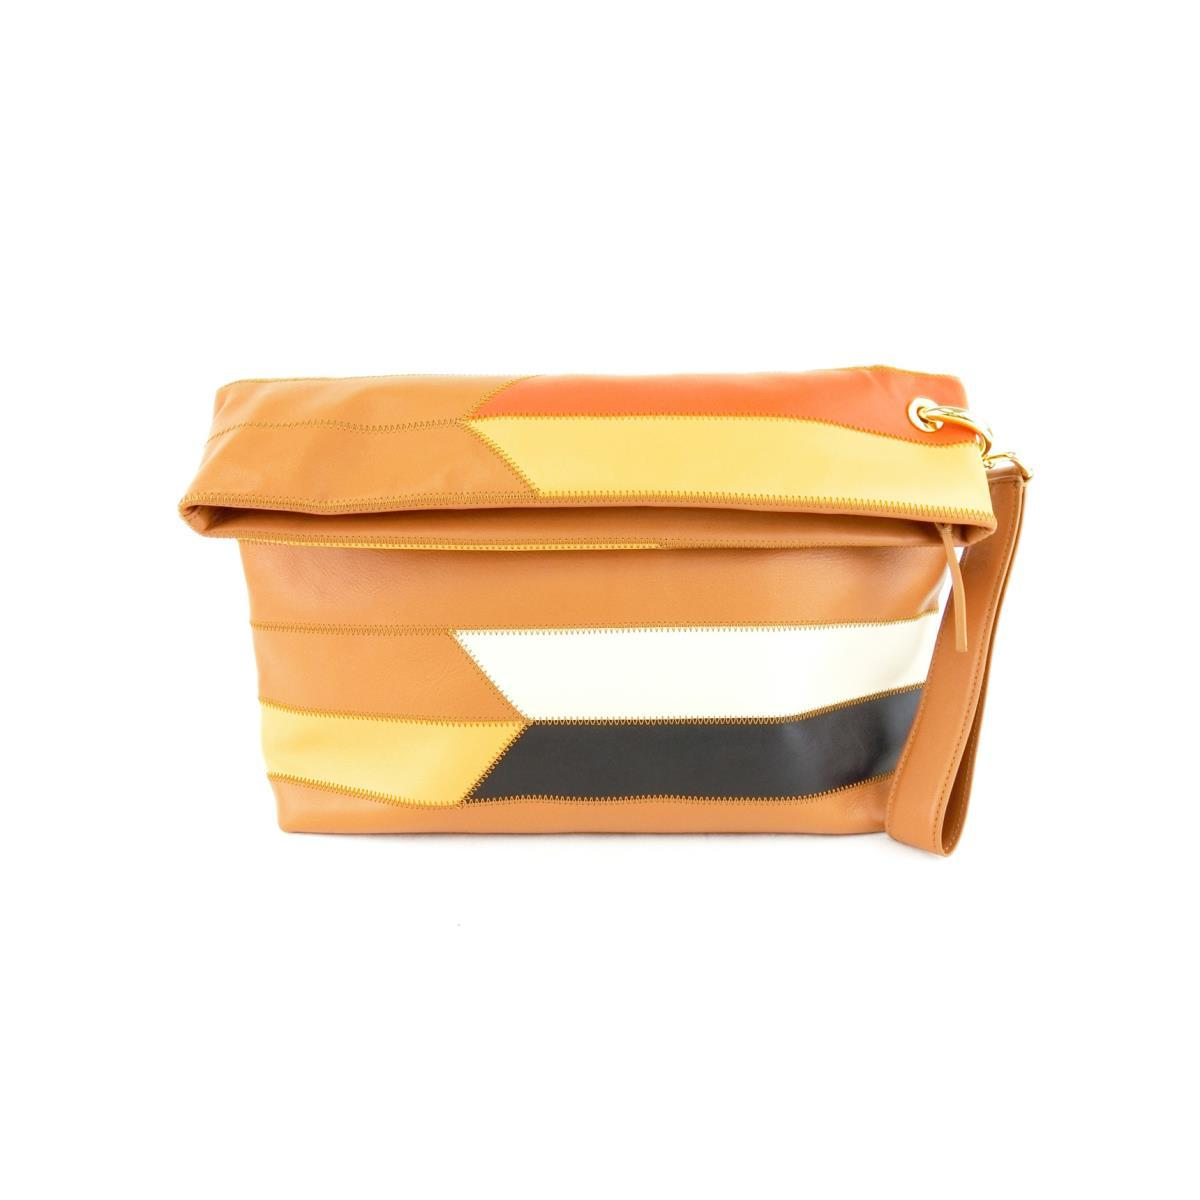 【未使用品】テンクロスビーデレクラム 10 CROSBY DEREK LAM BAG【中古】